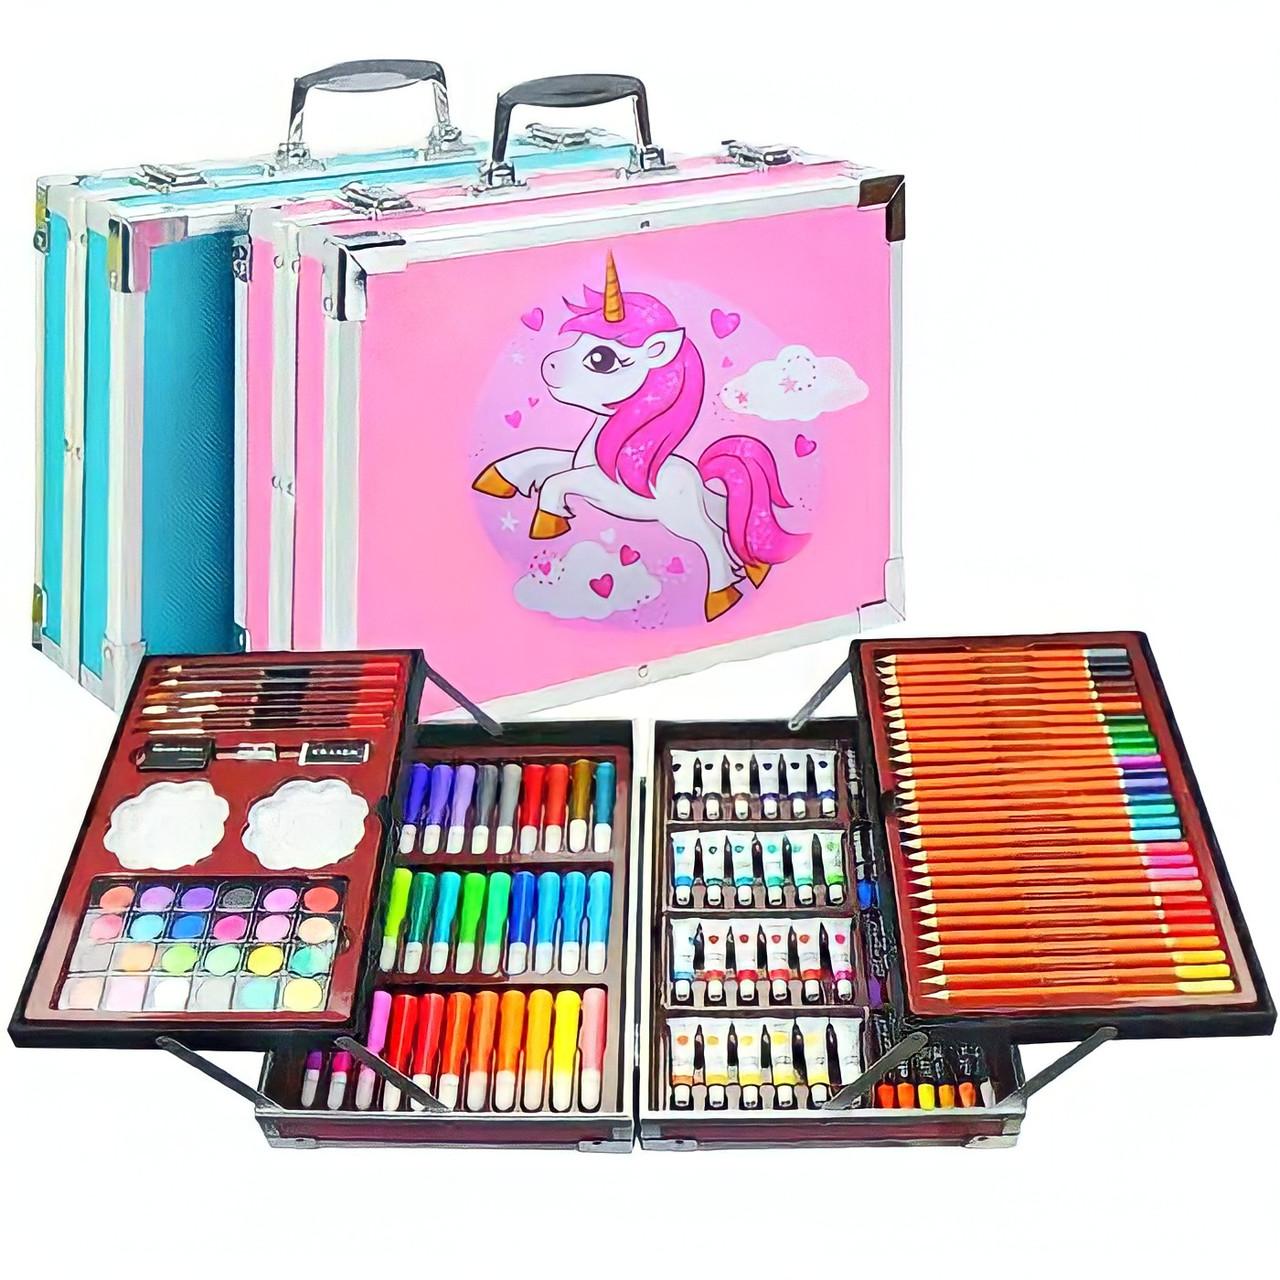 Художній набір для малювання 145 предметів в алюмінієвому валізці   Набір для творчості Єдиноріг